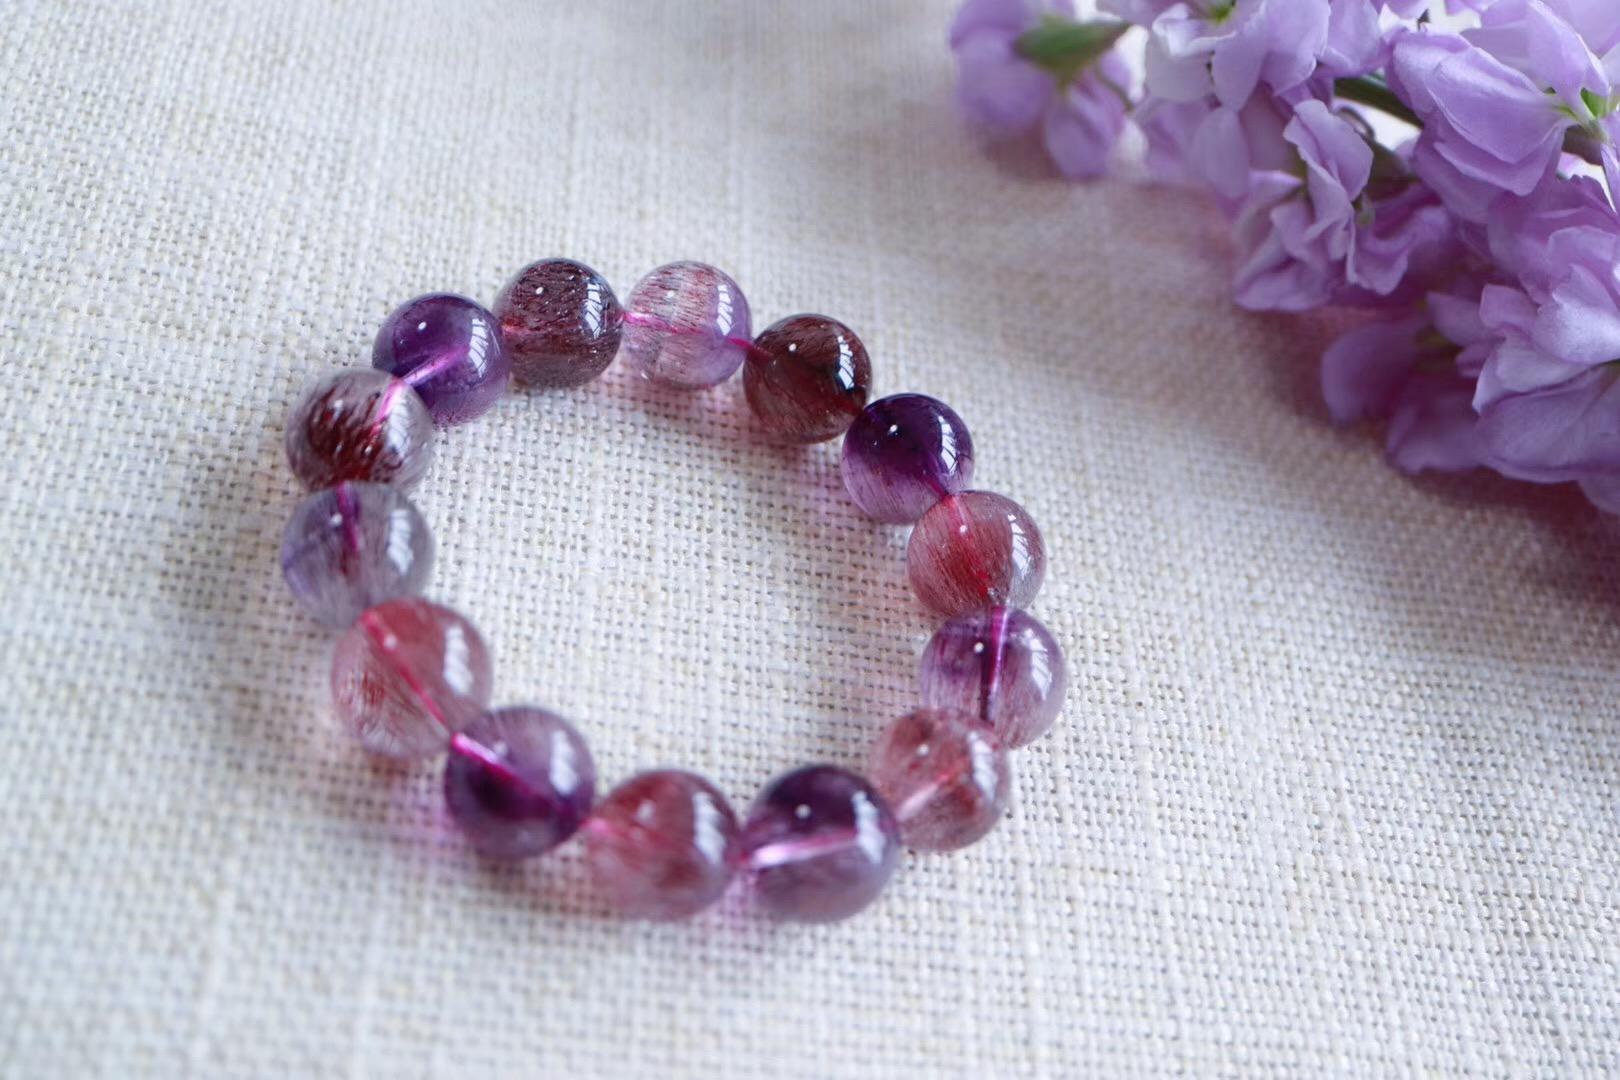 【菩心 | 三轮骨干紫发晶】紫发晶拥有很高的磁场,极具灵性-菩心晶舍